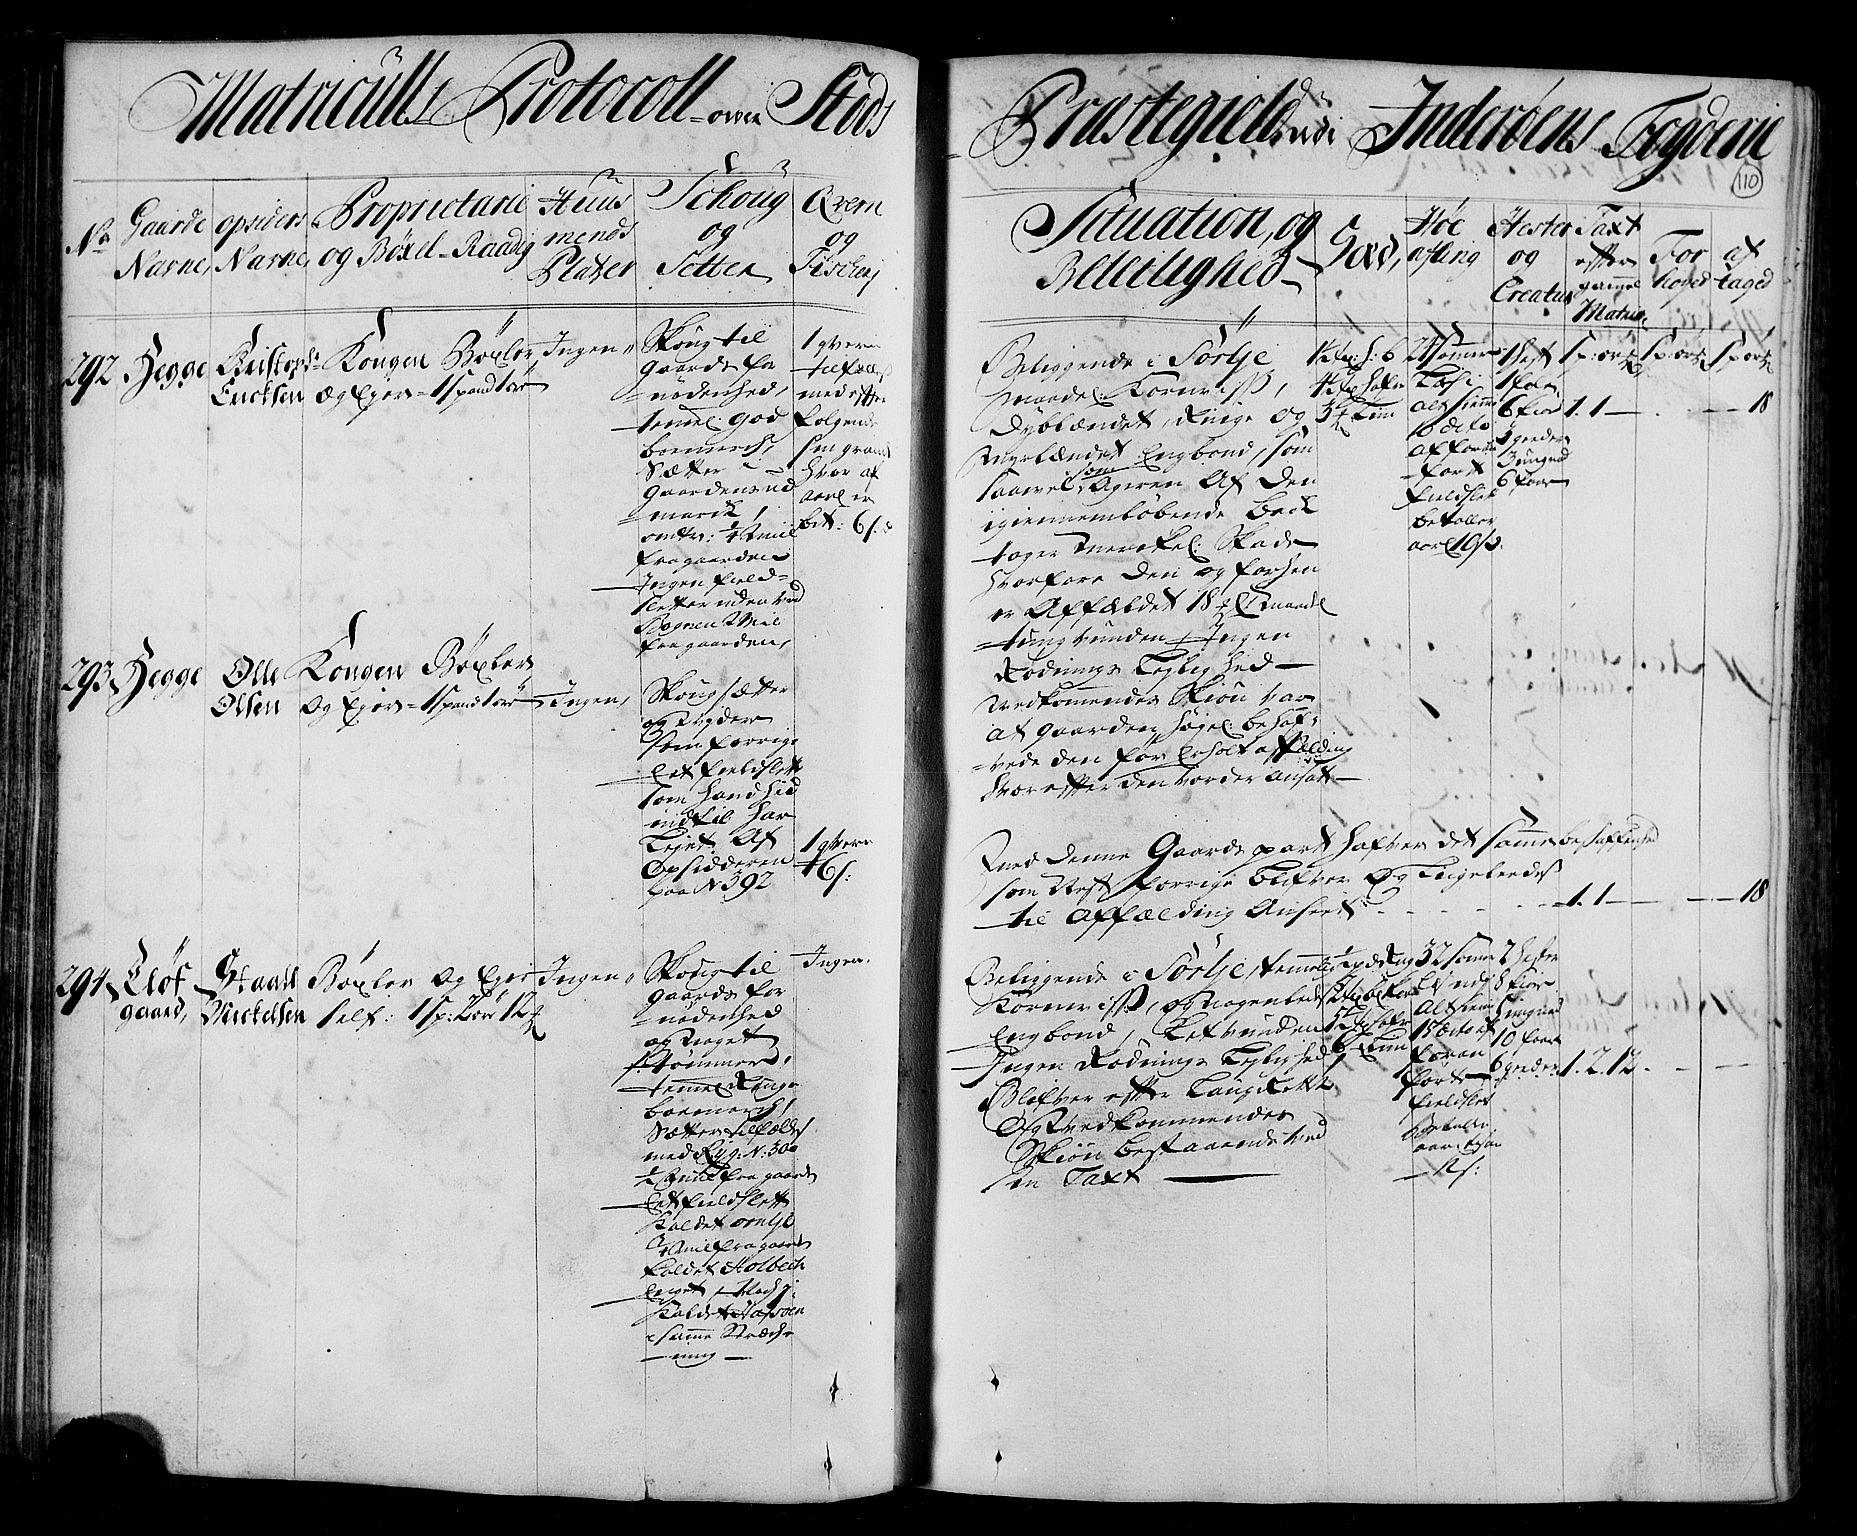 RA, Rentekammeret inntil 1814, Realistisk ordnet avdeling, N/Nb/Nbf/L0166: Inderøy eksaminasjonsprotokoll, 1723, s. 109b-110a